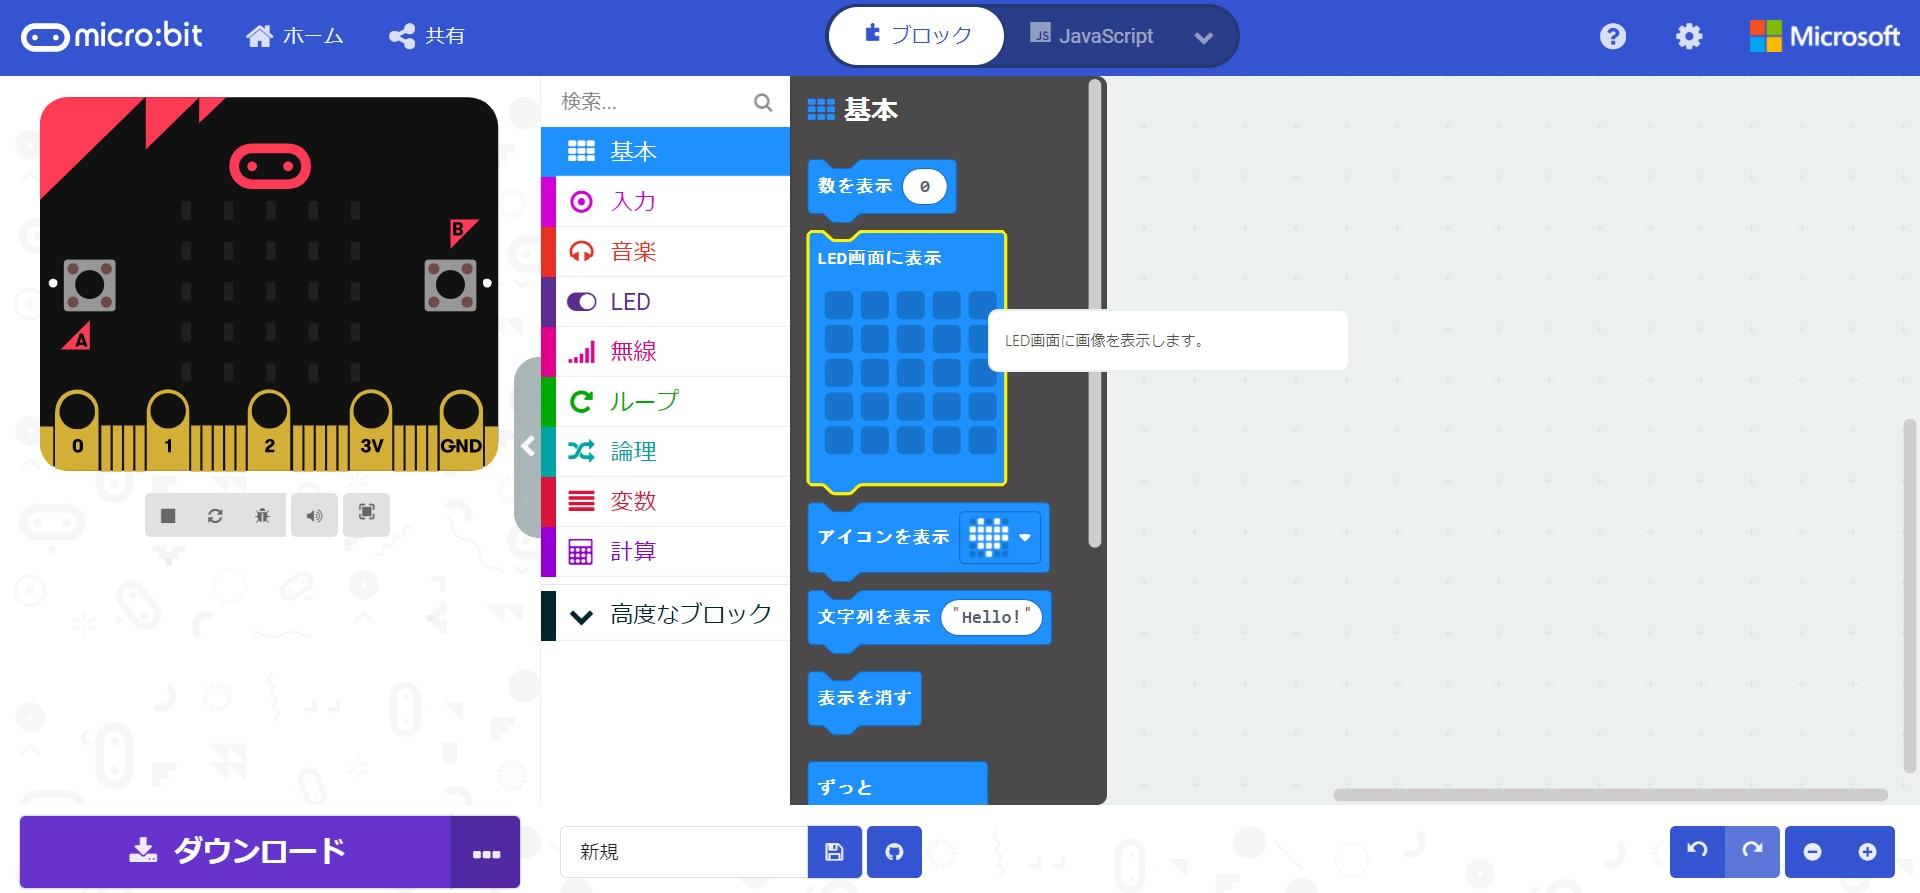 マイクロビットできること(9)